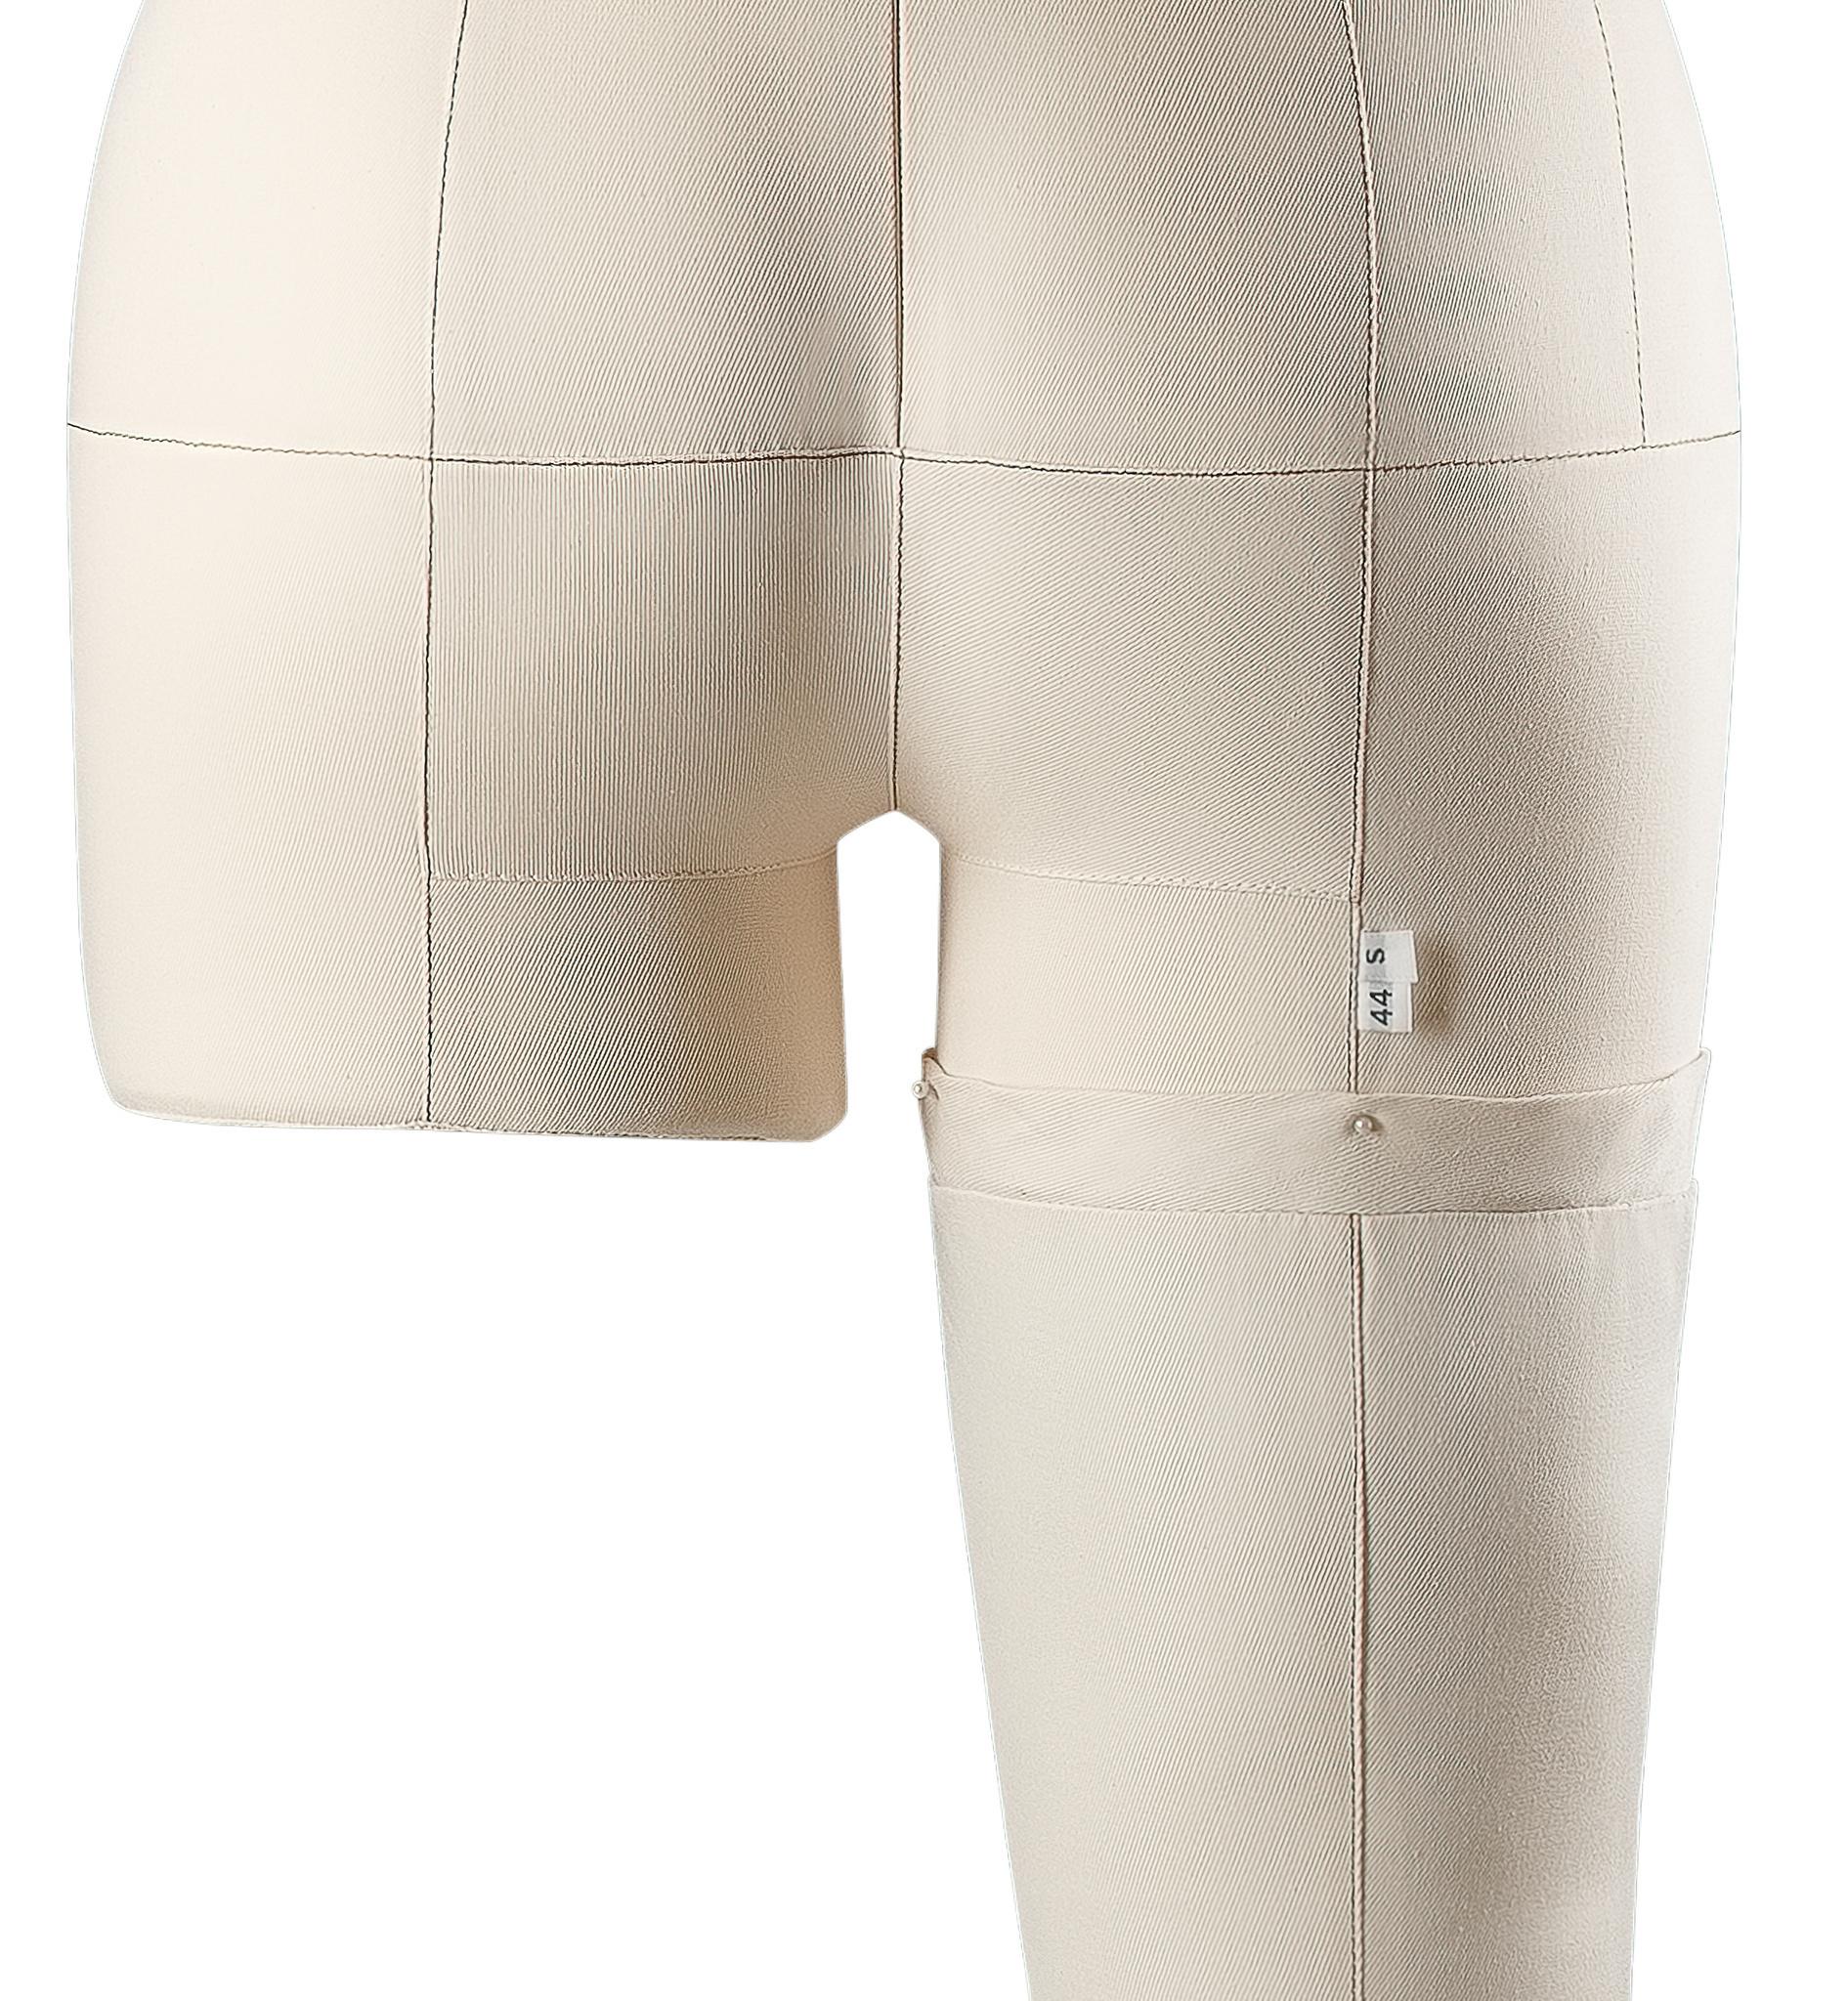 Нога для манекена Моника, размер 44 тип фигуры Песочные часы, БежеваяФото 1